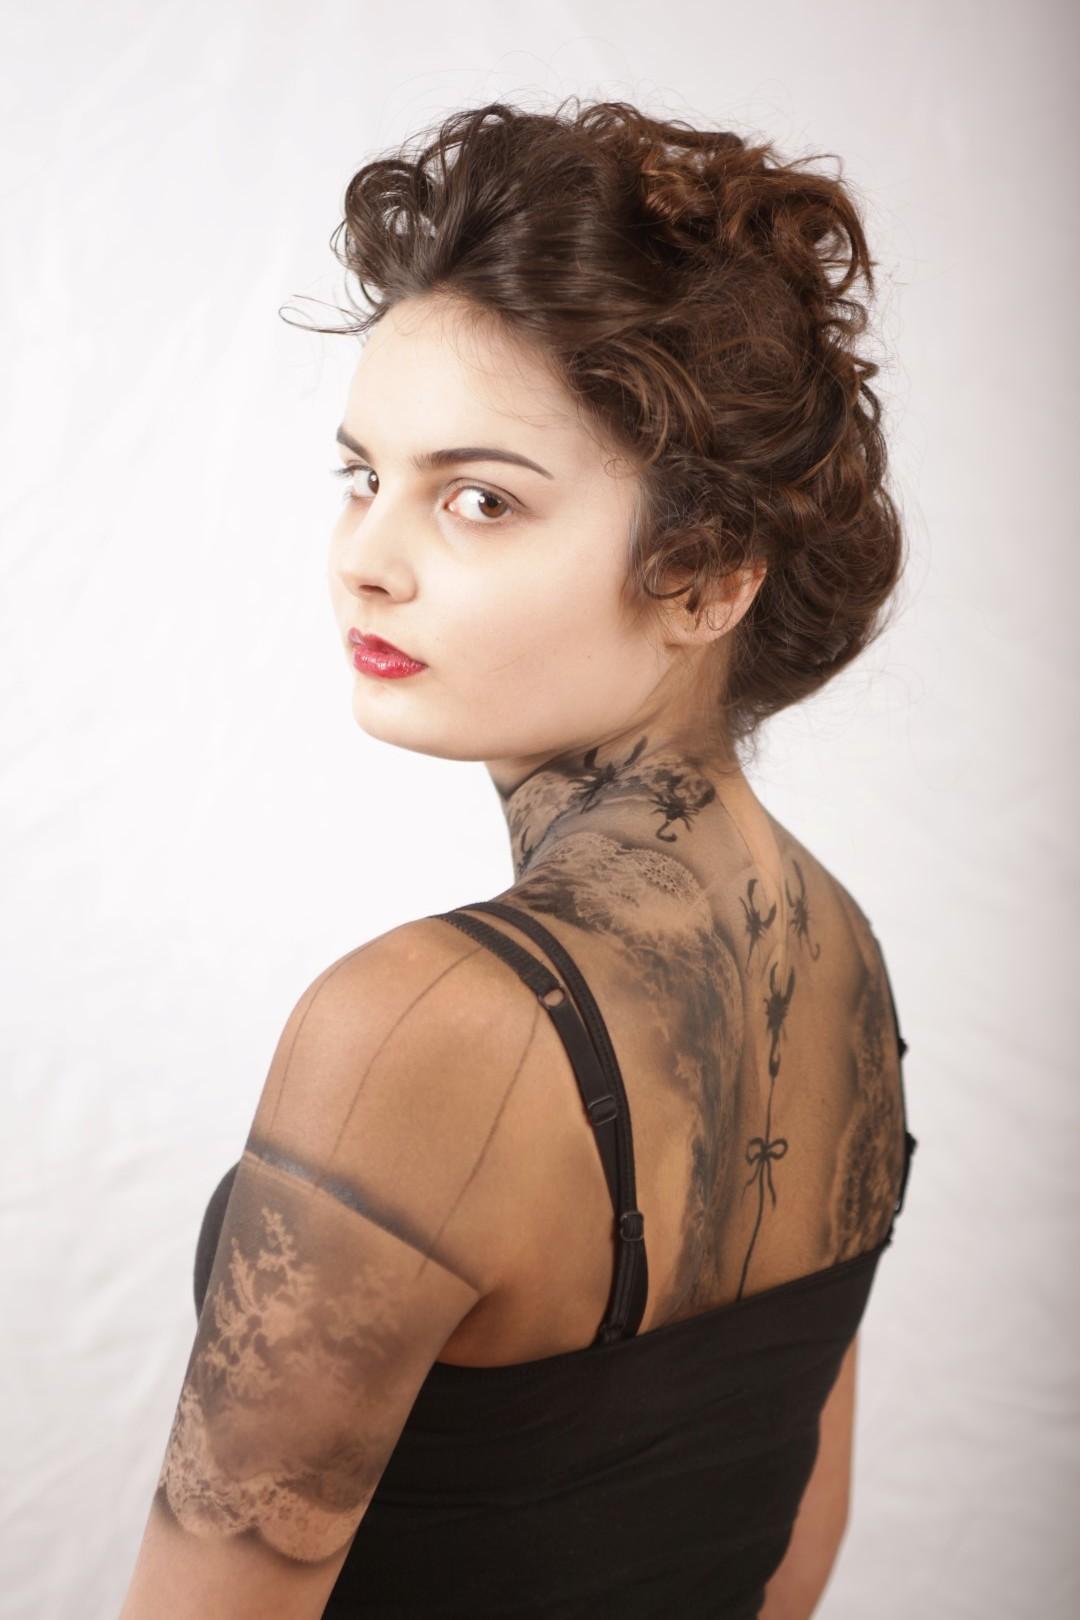 Model: Harriet Baldwin